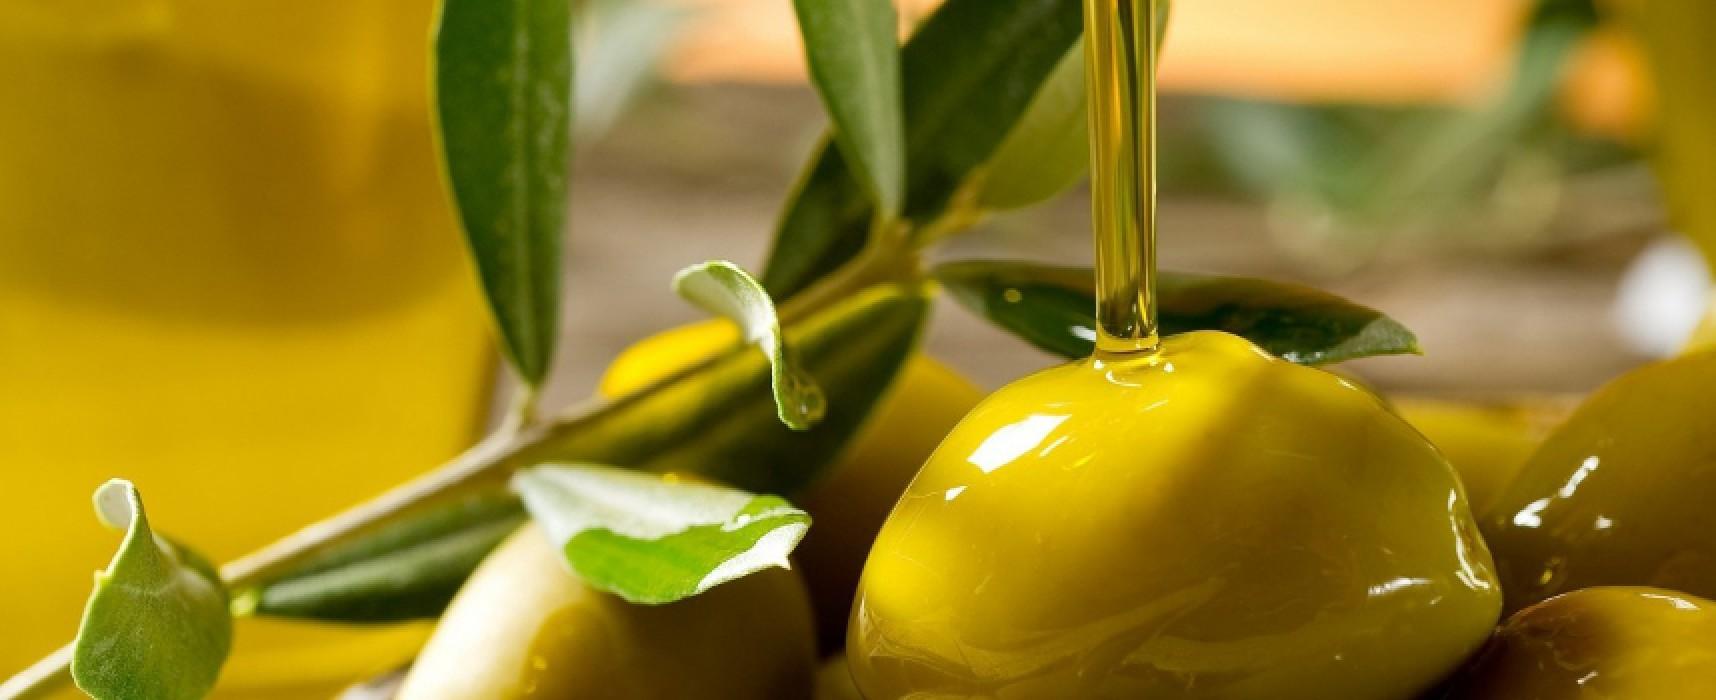 """L'olio d'oliva protagonista del mercato """"Dalla Terra al Mare"""" domani alla Centrale Ortofrutticola"""